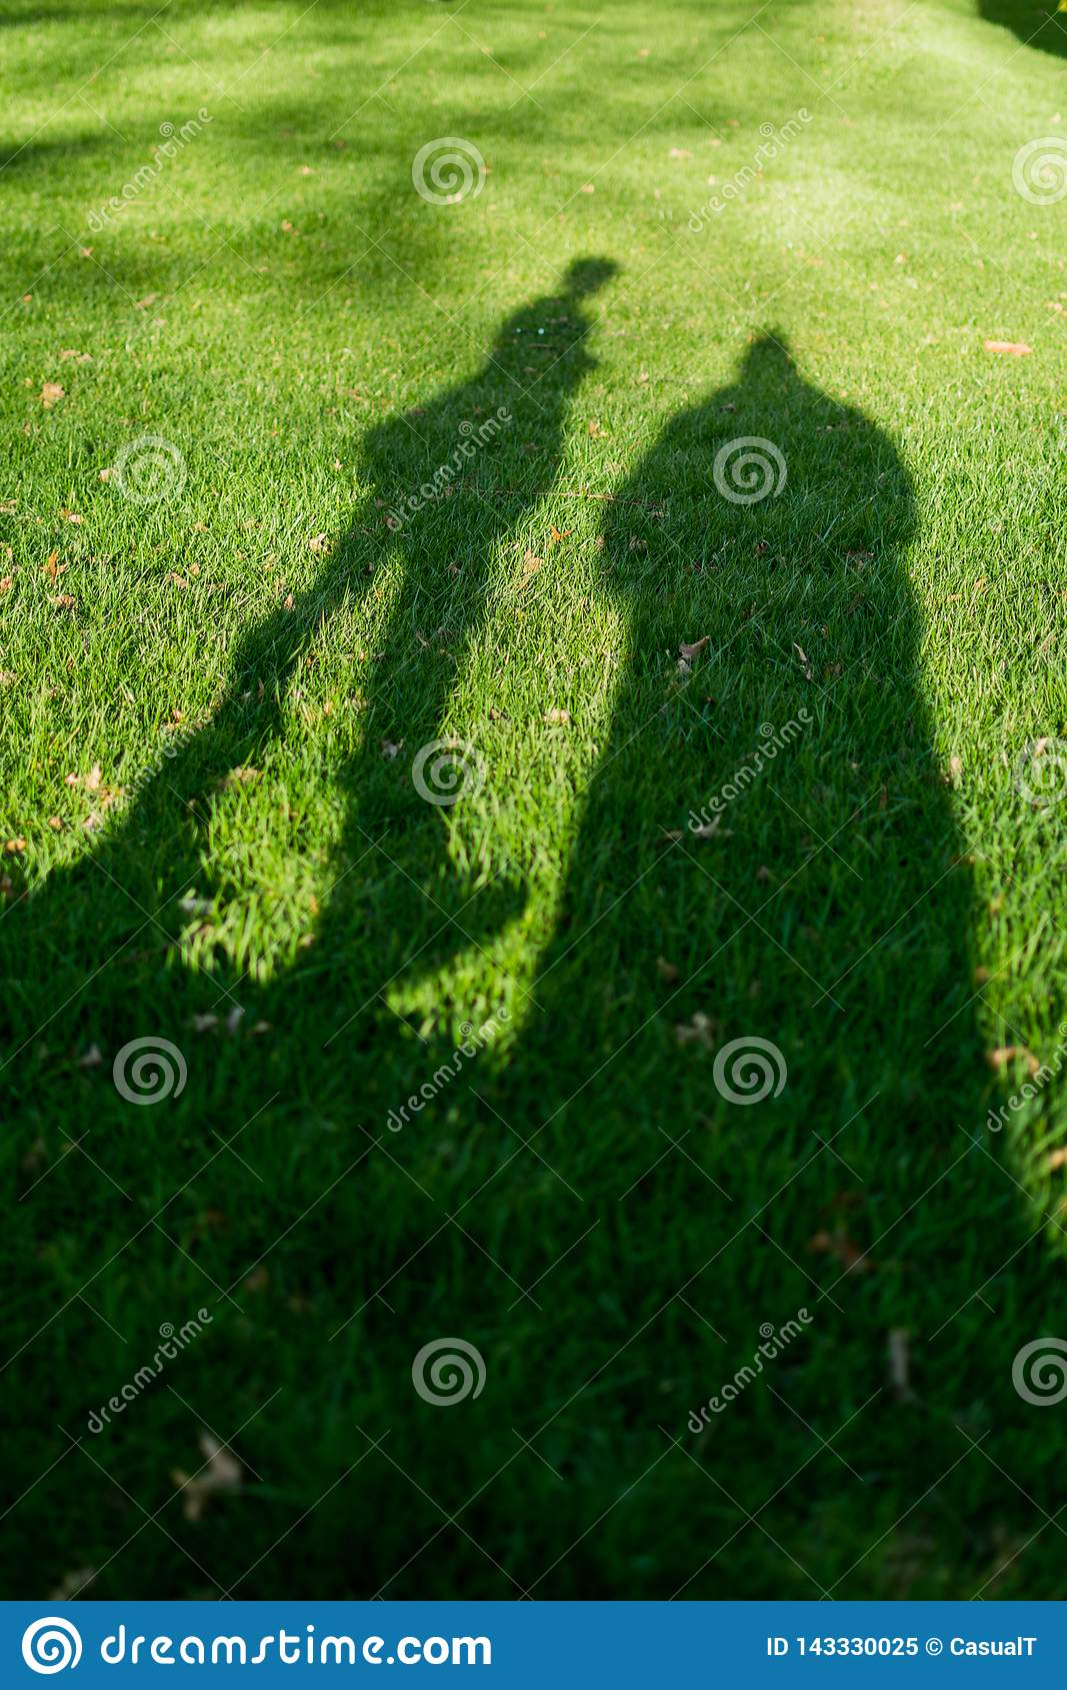 Schatten von zwei Leuten im Gras, an einem sehr sonnigen Tag